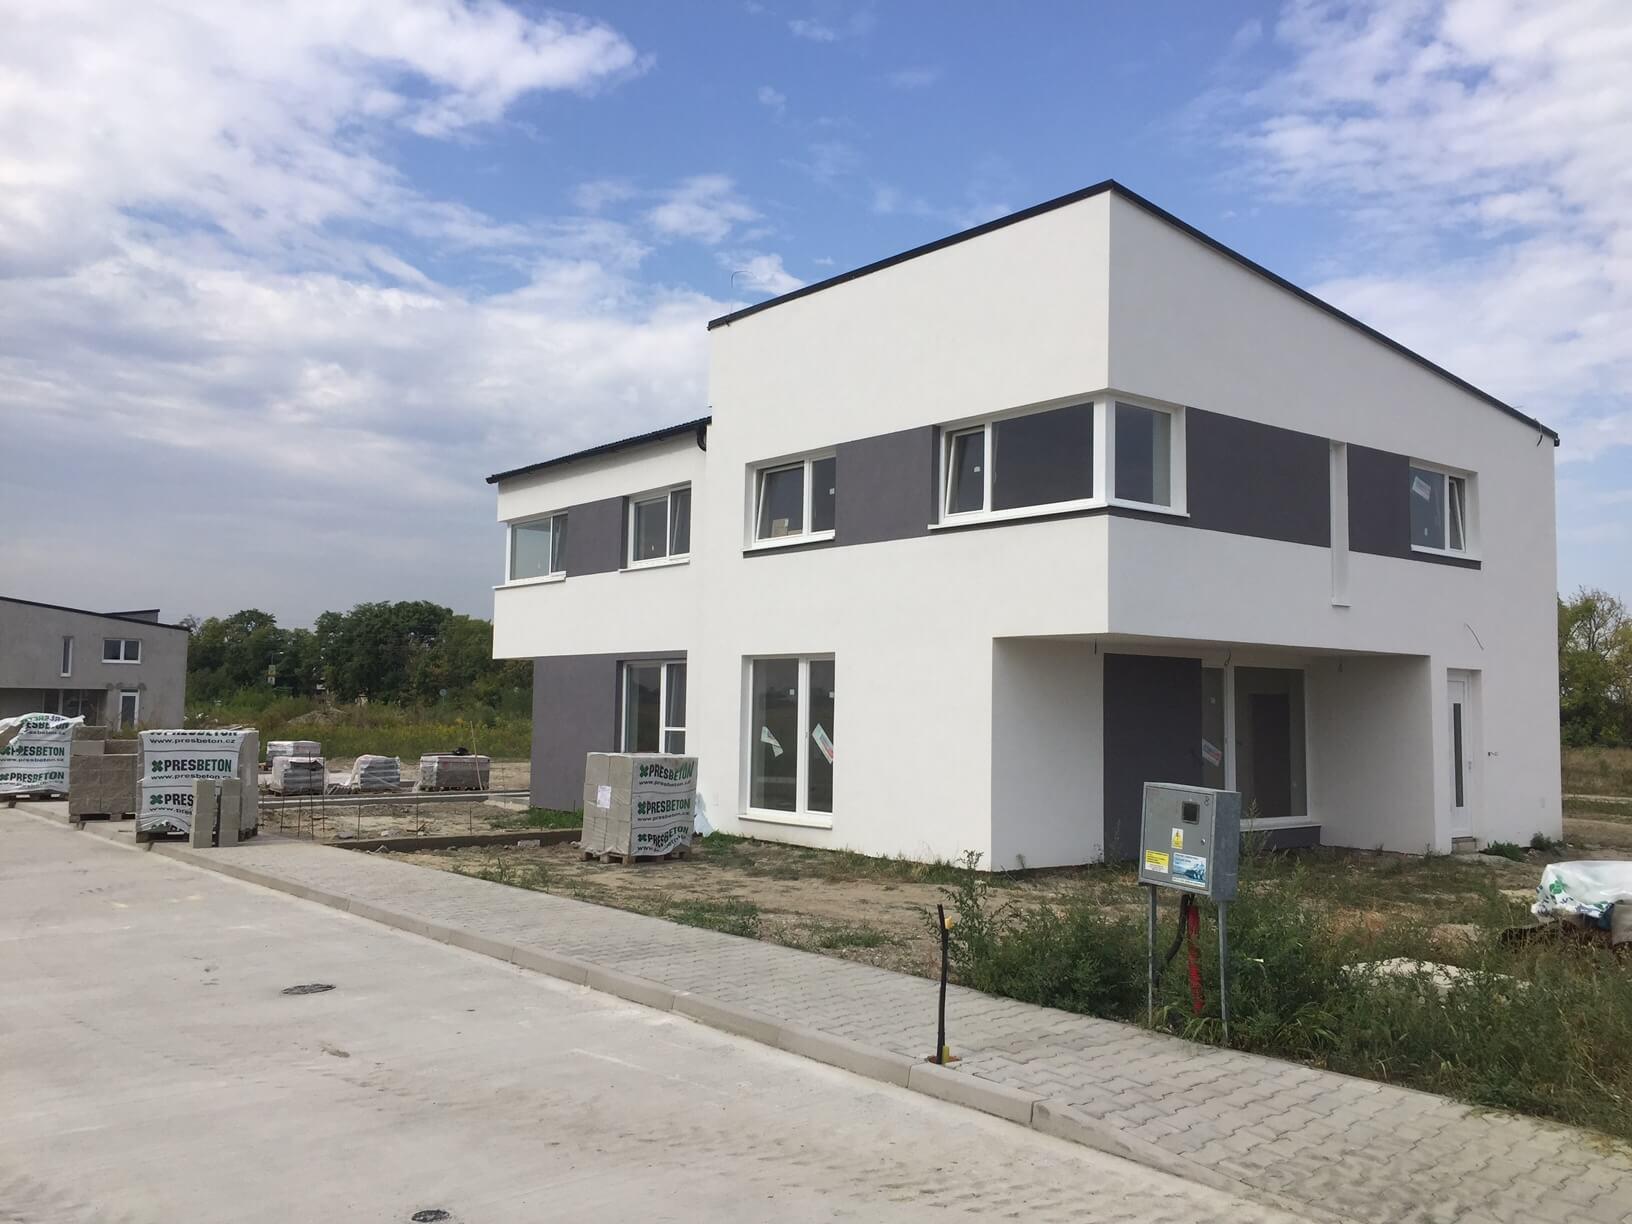 Predané: Posledný Rodinný dom v Dunajskej Lužnej v tichej lokalite, pri Košariskách, pri vlaku, 106m2, pozemok 422m2-1